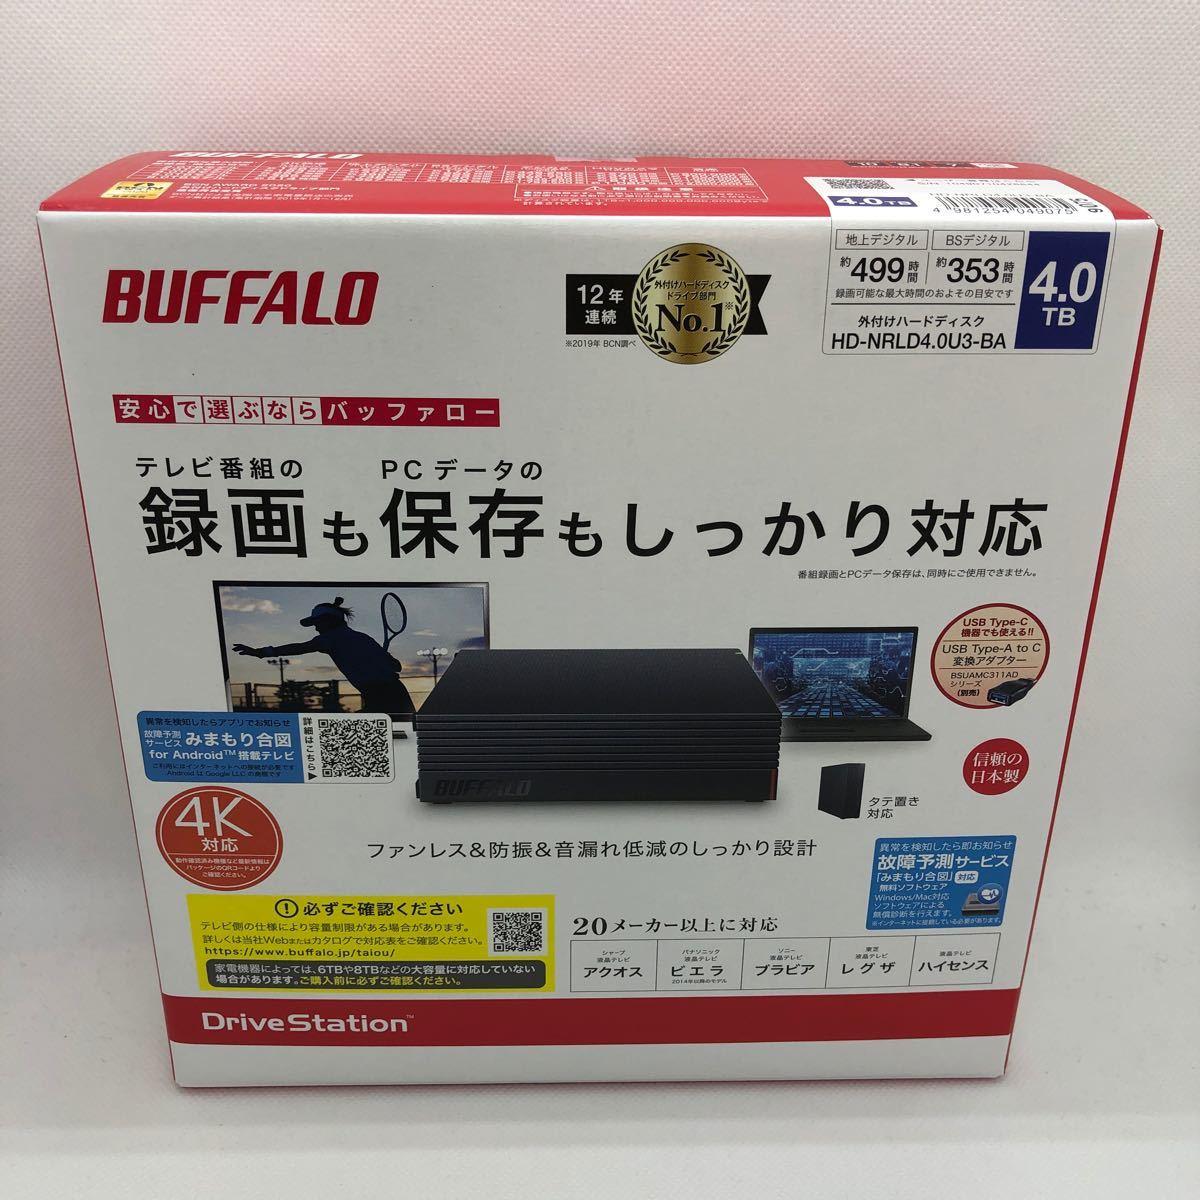 未開封 バッファロー  HD-NRLD4.0U3-BA 外付けハードディスク BUFFALO 4TB 6月購入